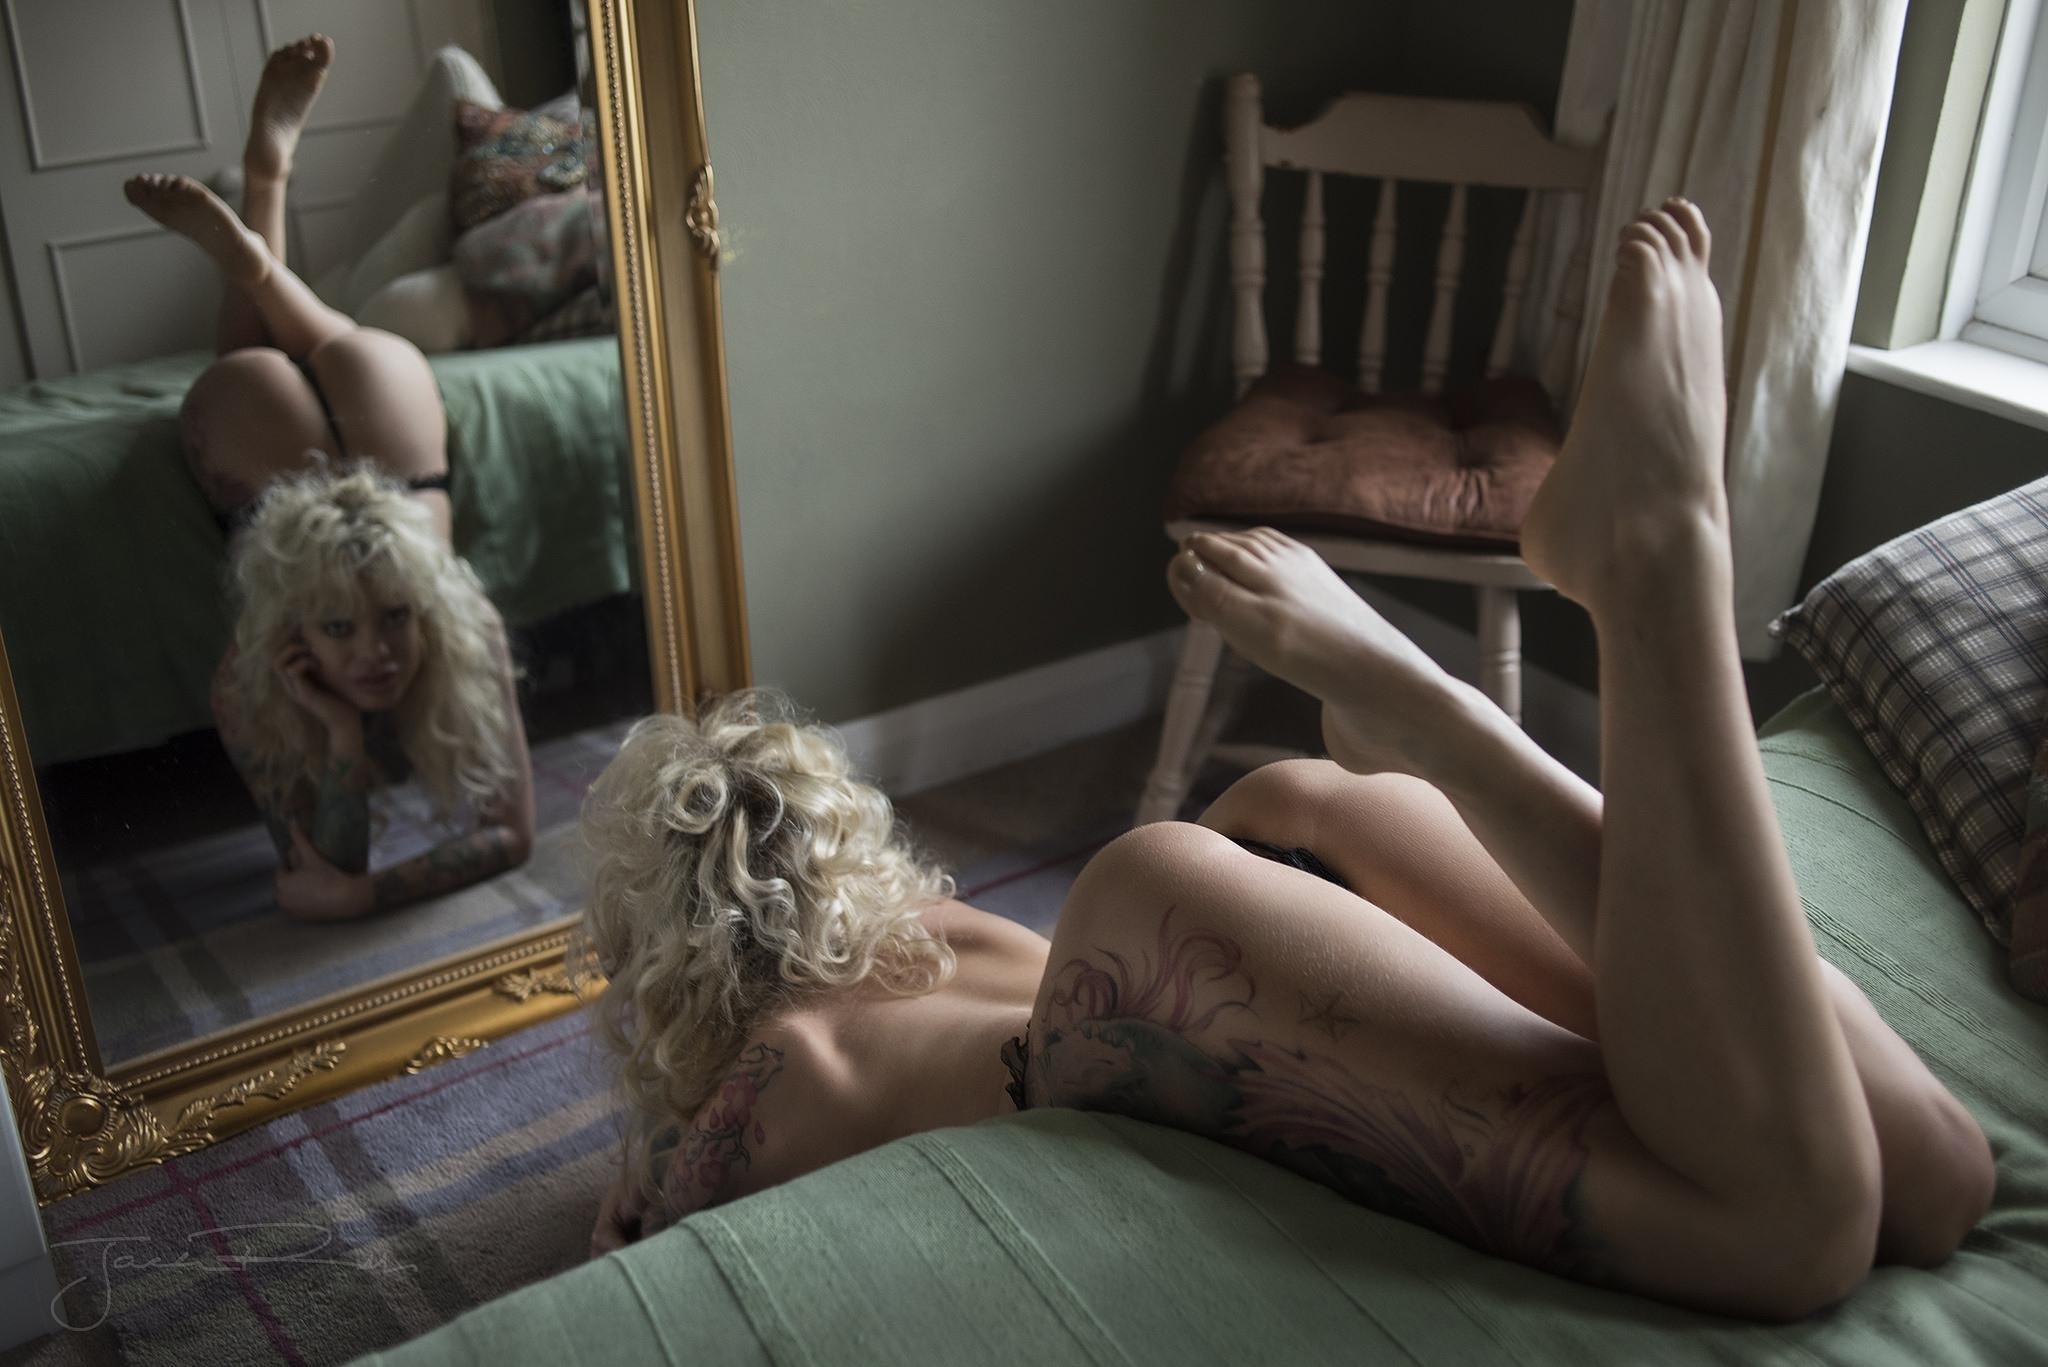 Фото Кудрявая блондинка в стрингах легла перед зеркалом, тату, скачать картинку бесплатно